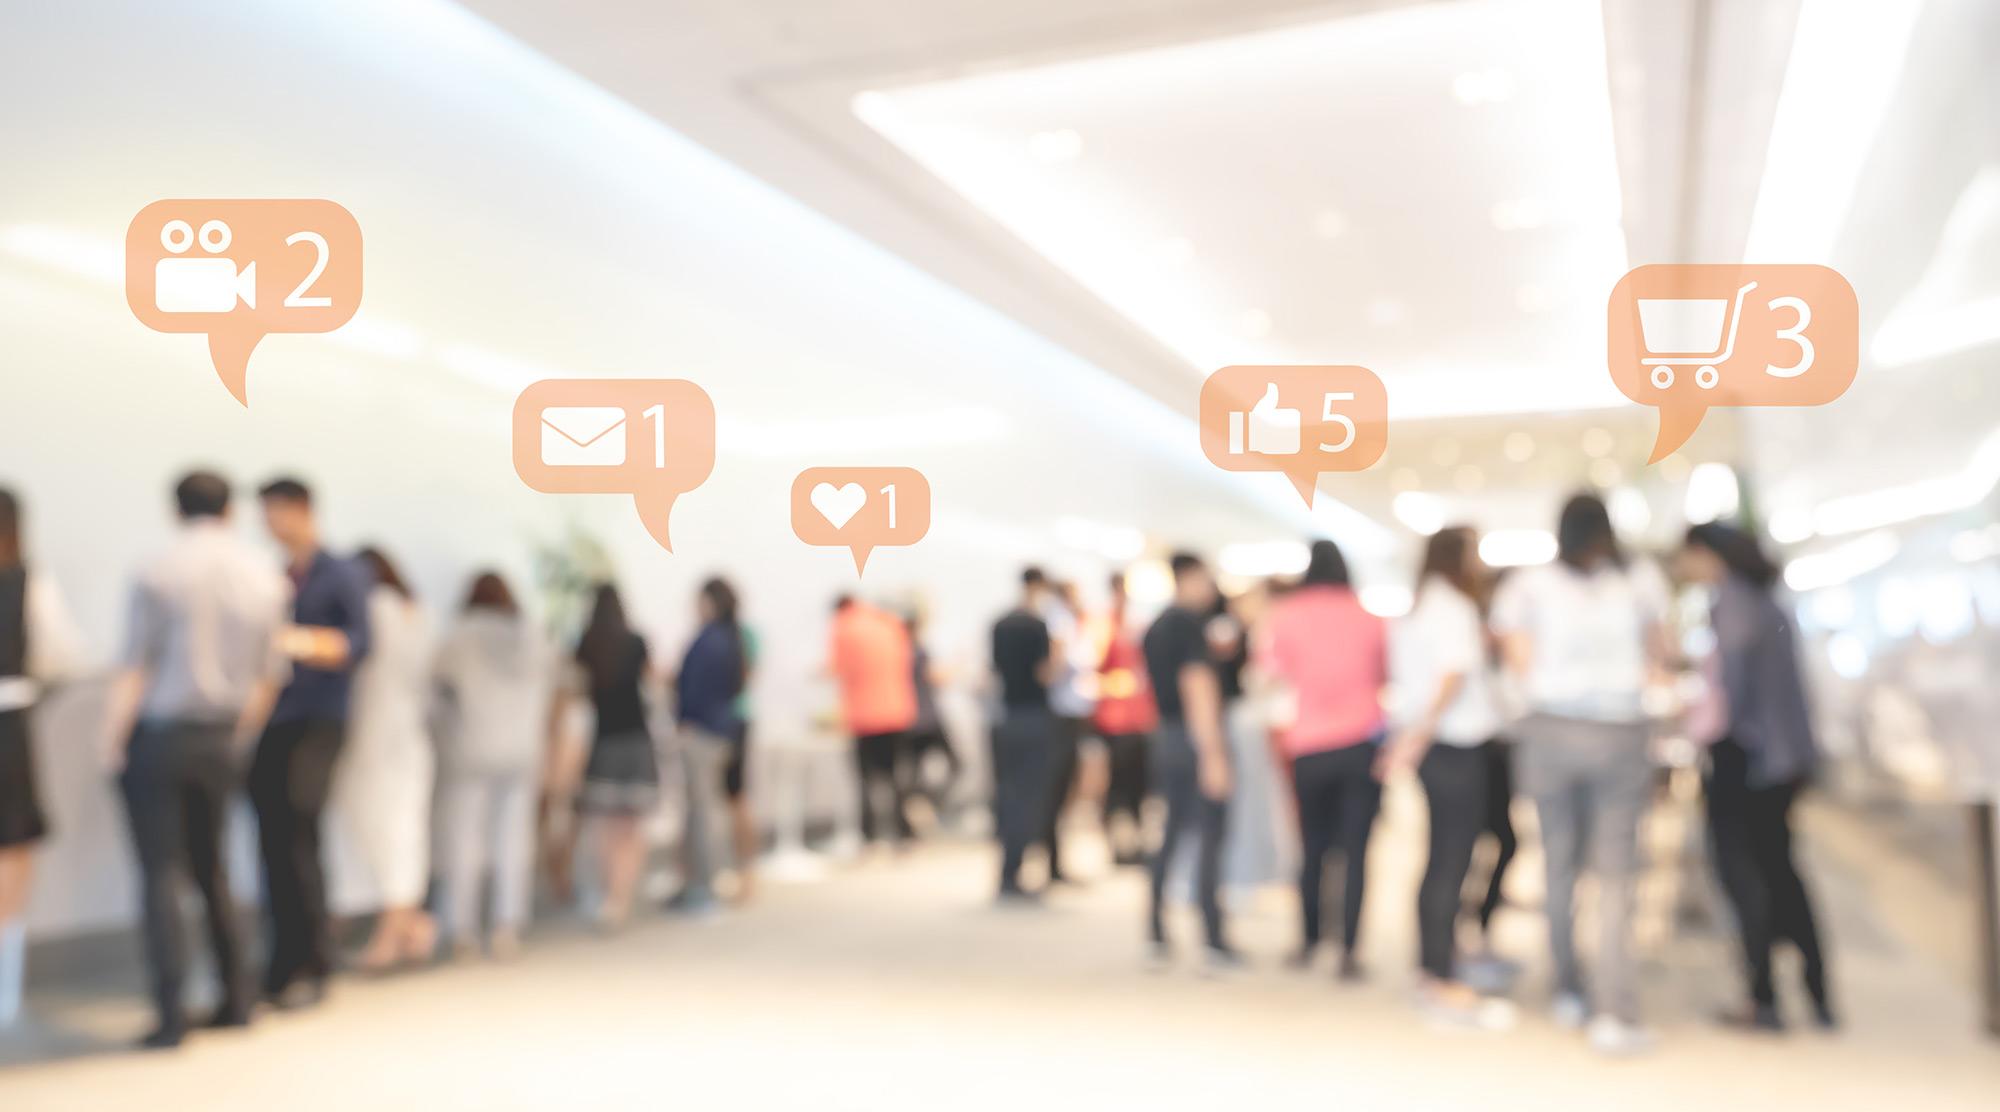 Tipps zum erfolgreichen Networking 2021 unter Pandemiebedingungen von Business Coach Nelly Kostadinova